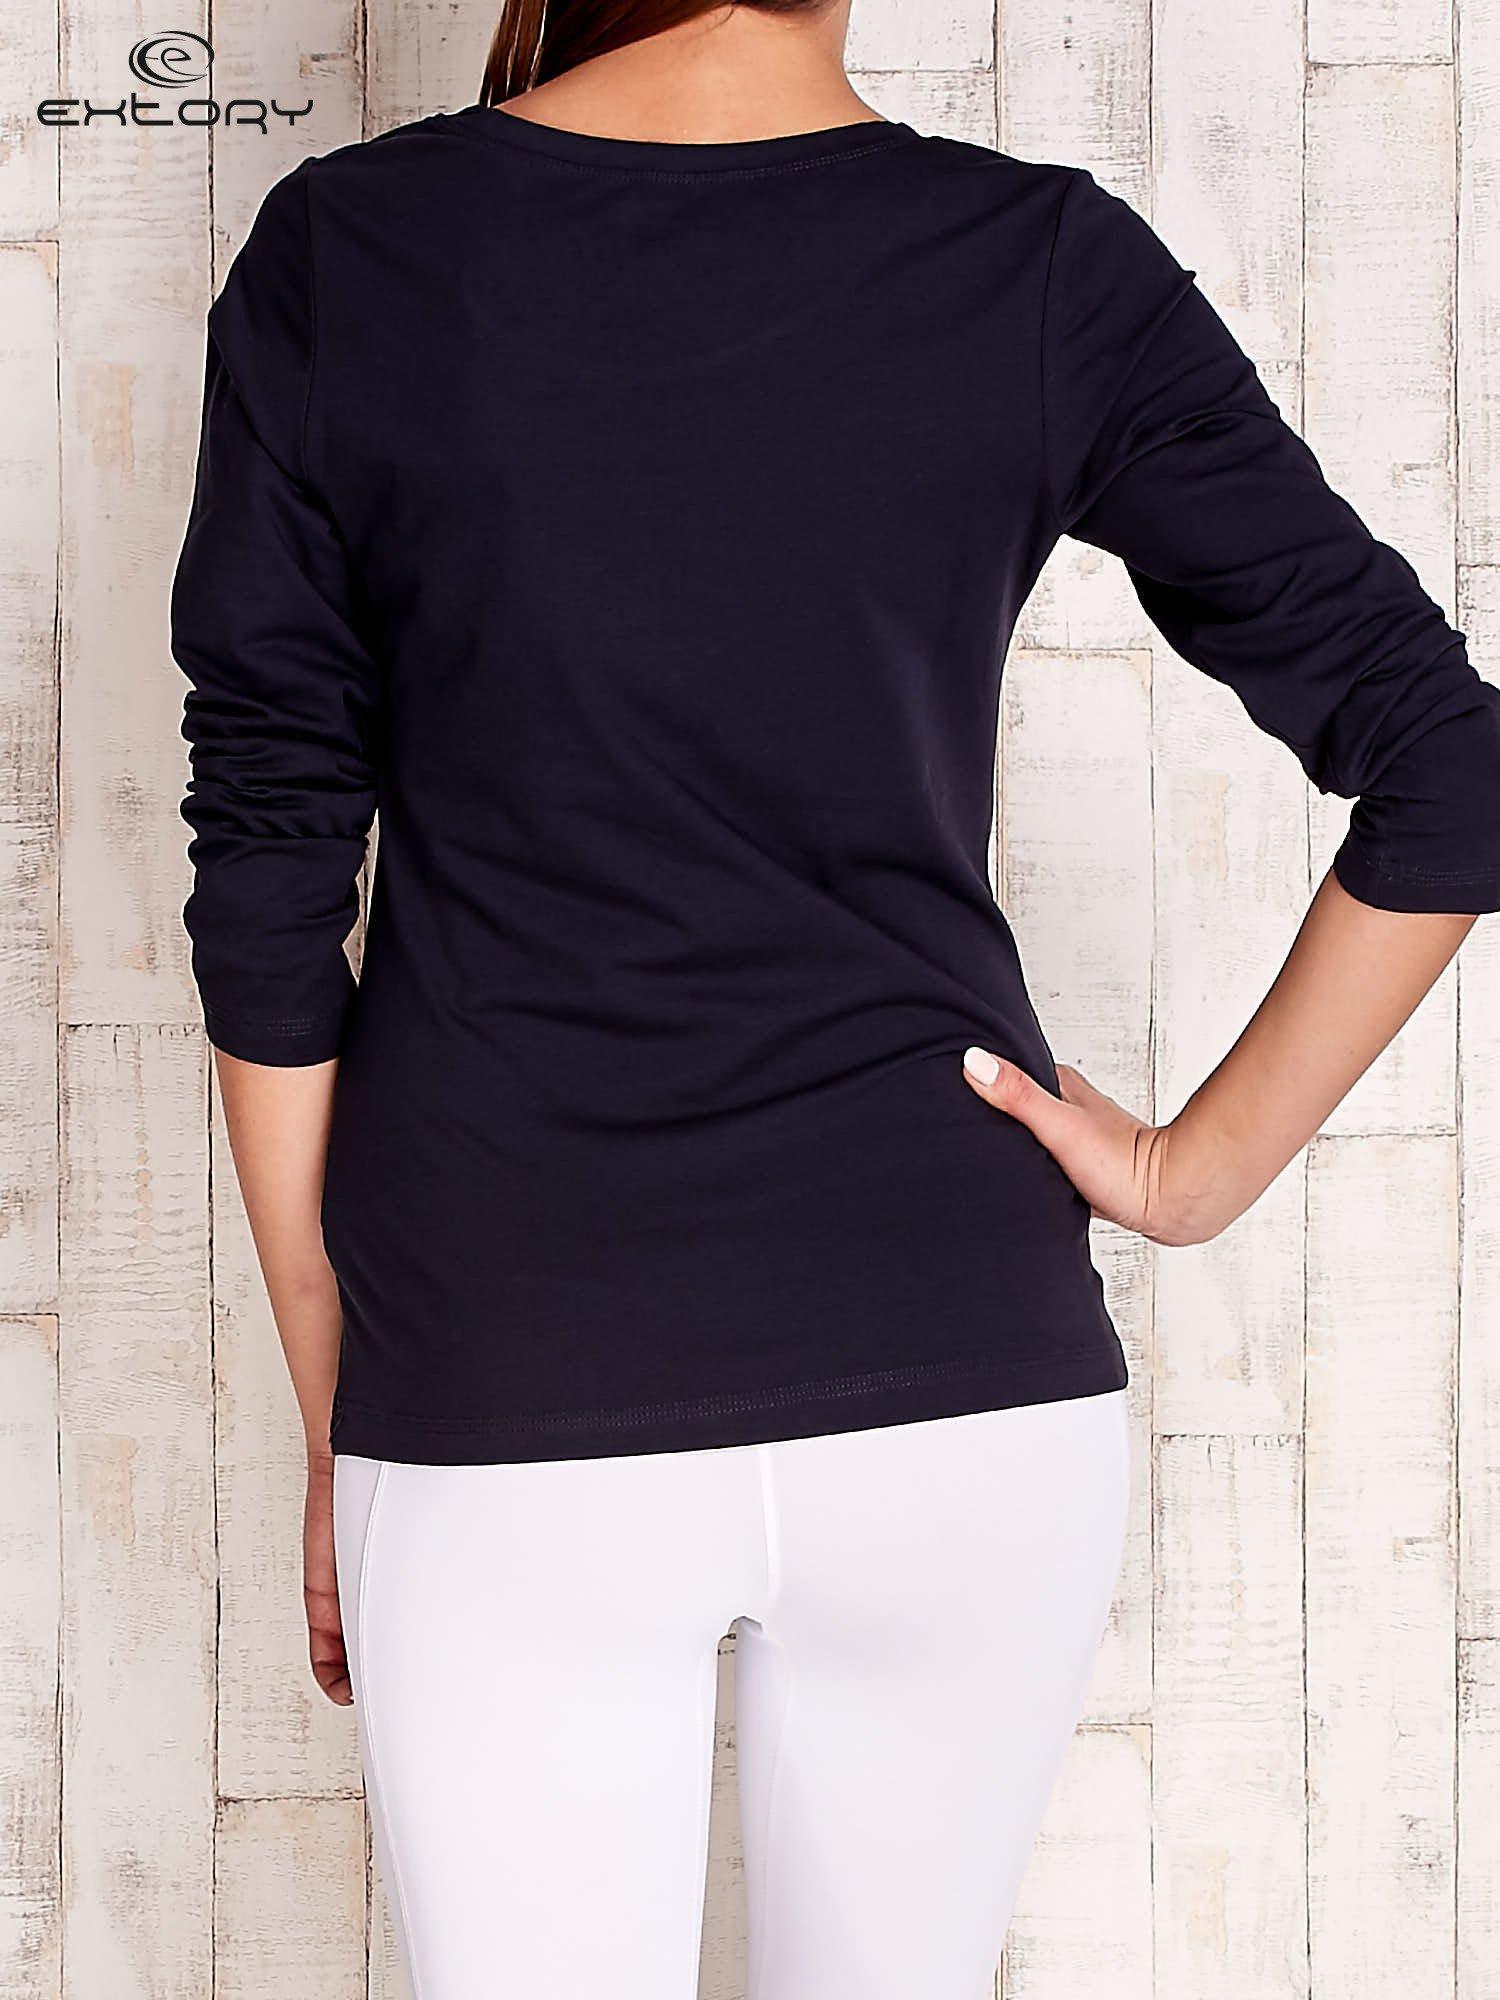 Granatowa gładka bluzka sportowa z dekoltem U PLUS SIZE                                  zdj.                                  5